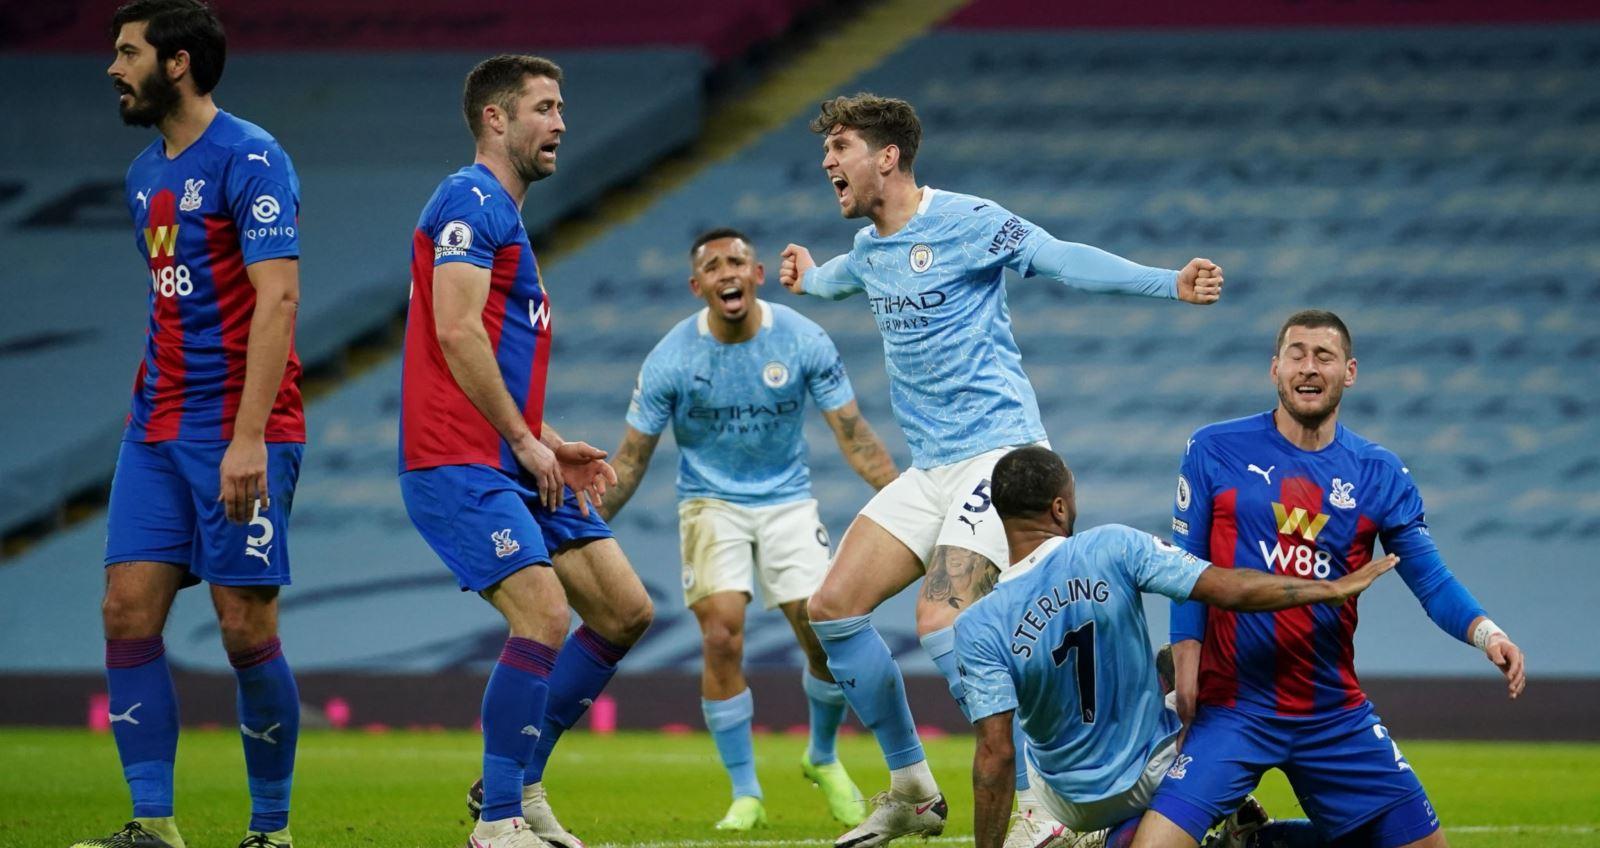 Man City, Video clip bàn thắng Man City vs Crystal Palace, Kết quả bóng đá Anh, kết quả bóng đá, lịch thi đấu, kết quả man city vs crystal palace